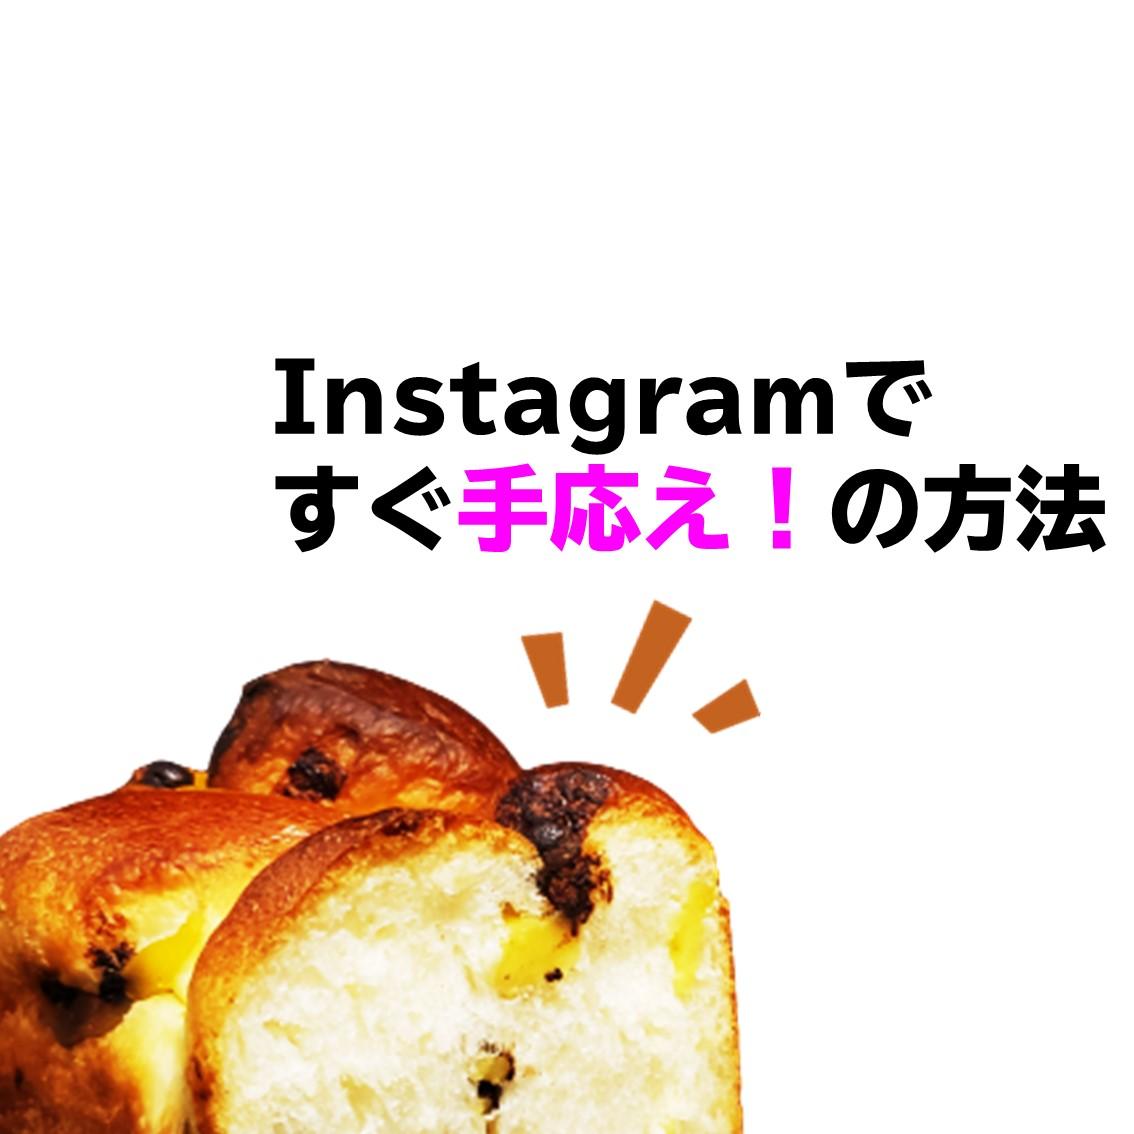 Instagramですぐ手応え!の方法(食べ物屋さんは参考になりません)